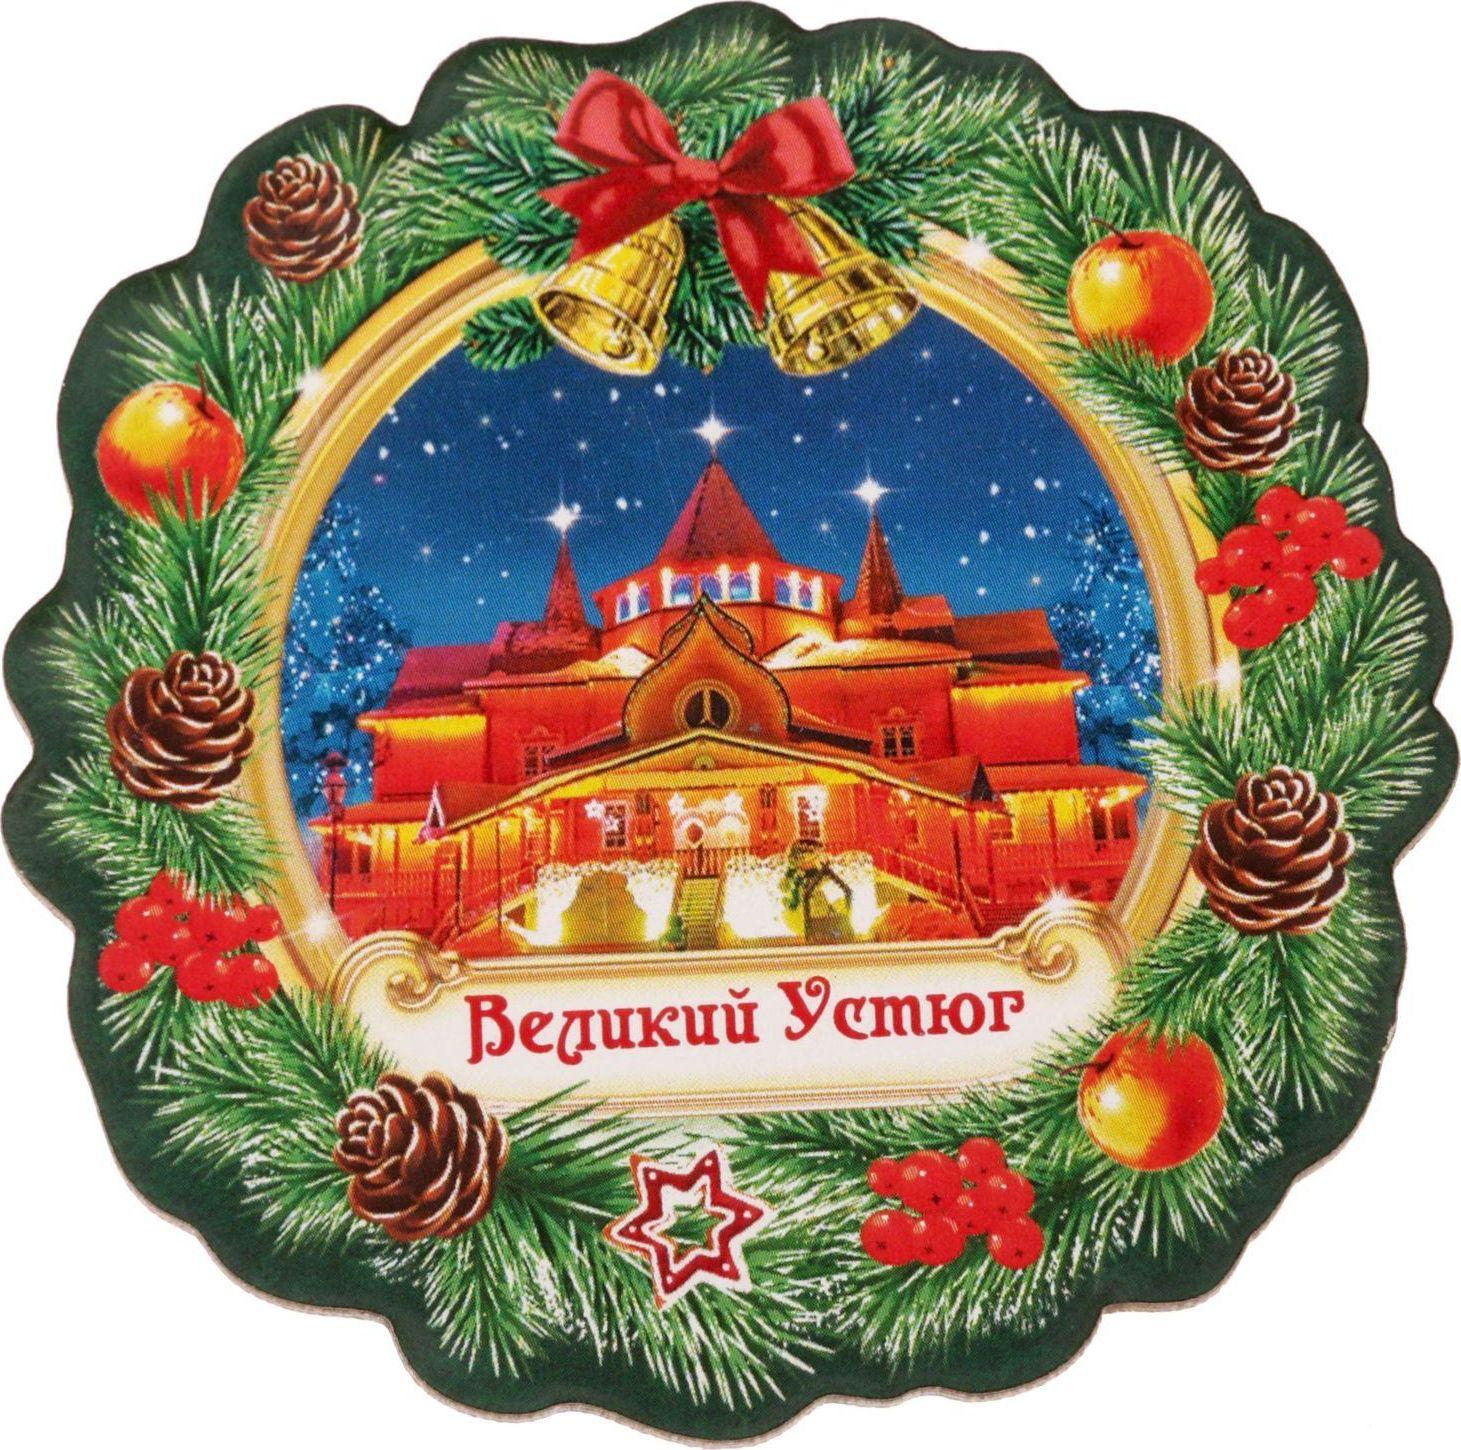 Магнит Sima-land Венок. Великий Устюг. Резиденция, 7 х 7 см1749262Порадуйте родных и близких оригинальным сувениром: преподнесите в подарок магнит. С ним даже самый серьёзный человек почувствует себя ребёнком, ожидающим чудо! Создайте праздничное настроение, и оно останется с вами на весь год.